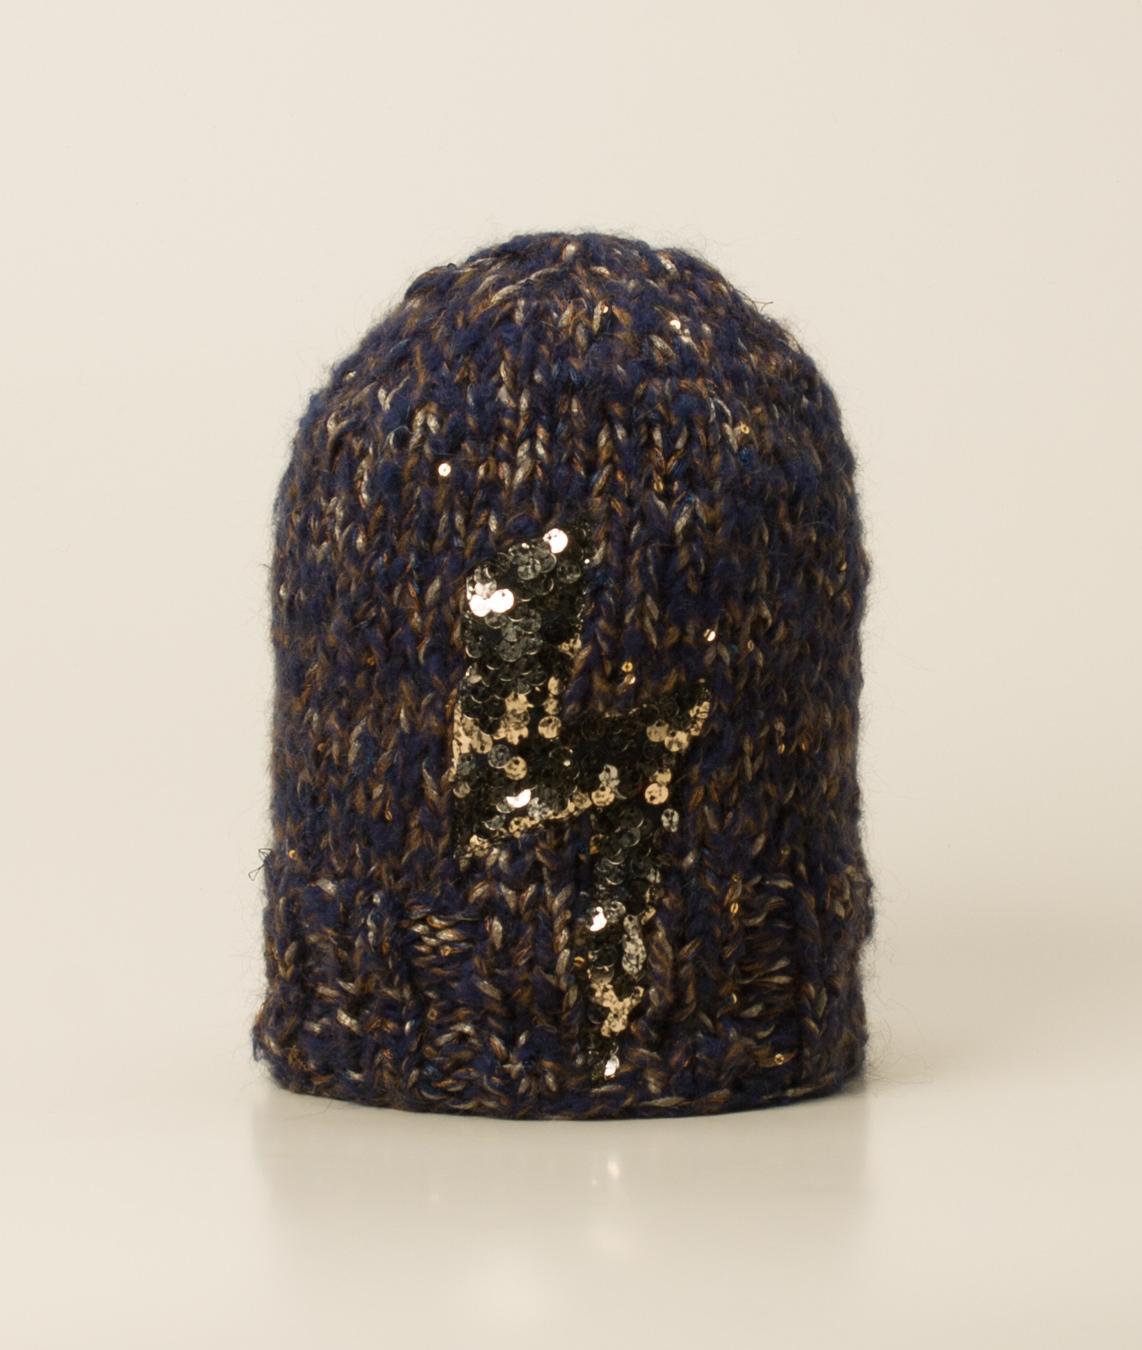 623ee503c90f21 Yippie Hippie Damen-Acces. Mütze in blau/gelb kaufen   Zumnorde ...